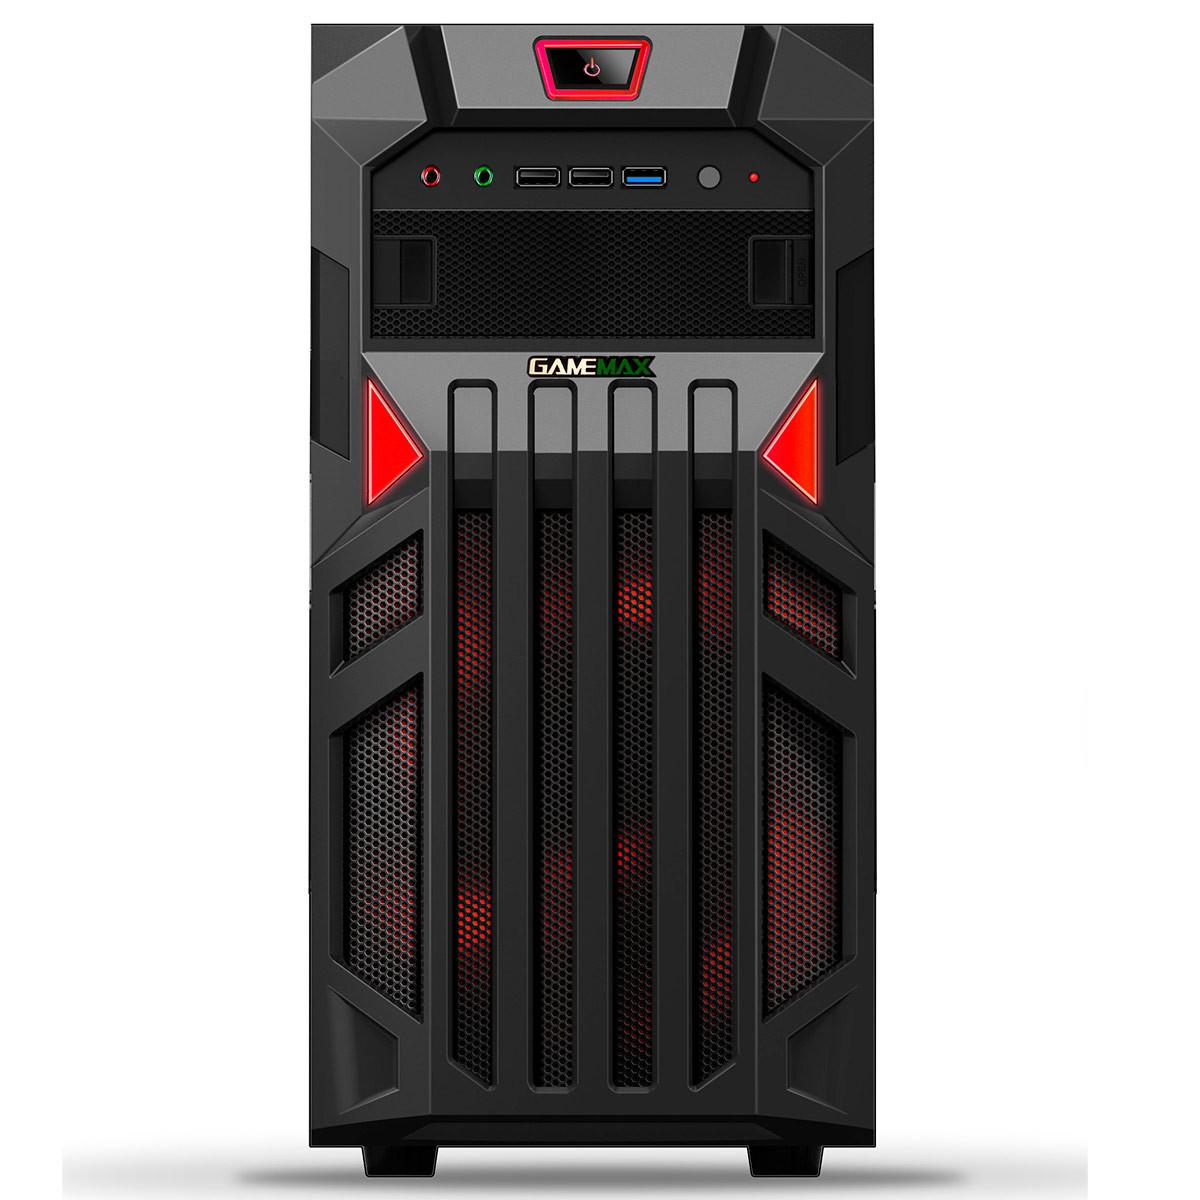 KelsusIT Game Max Centurion Gaming PC